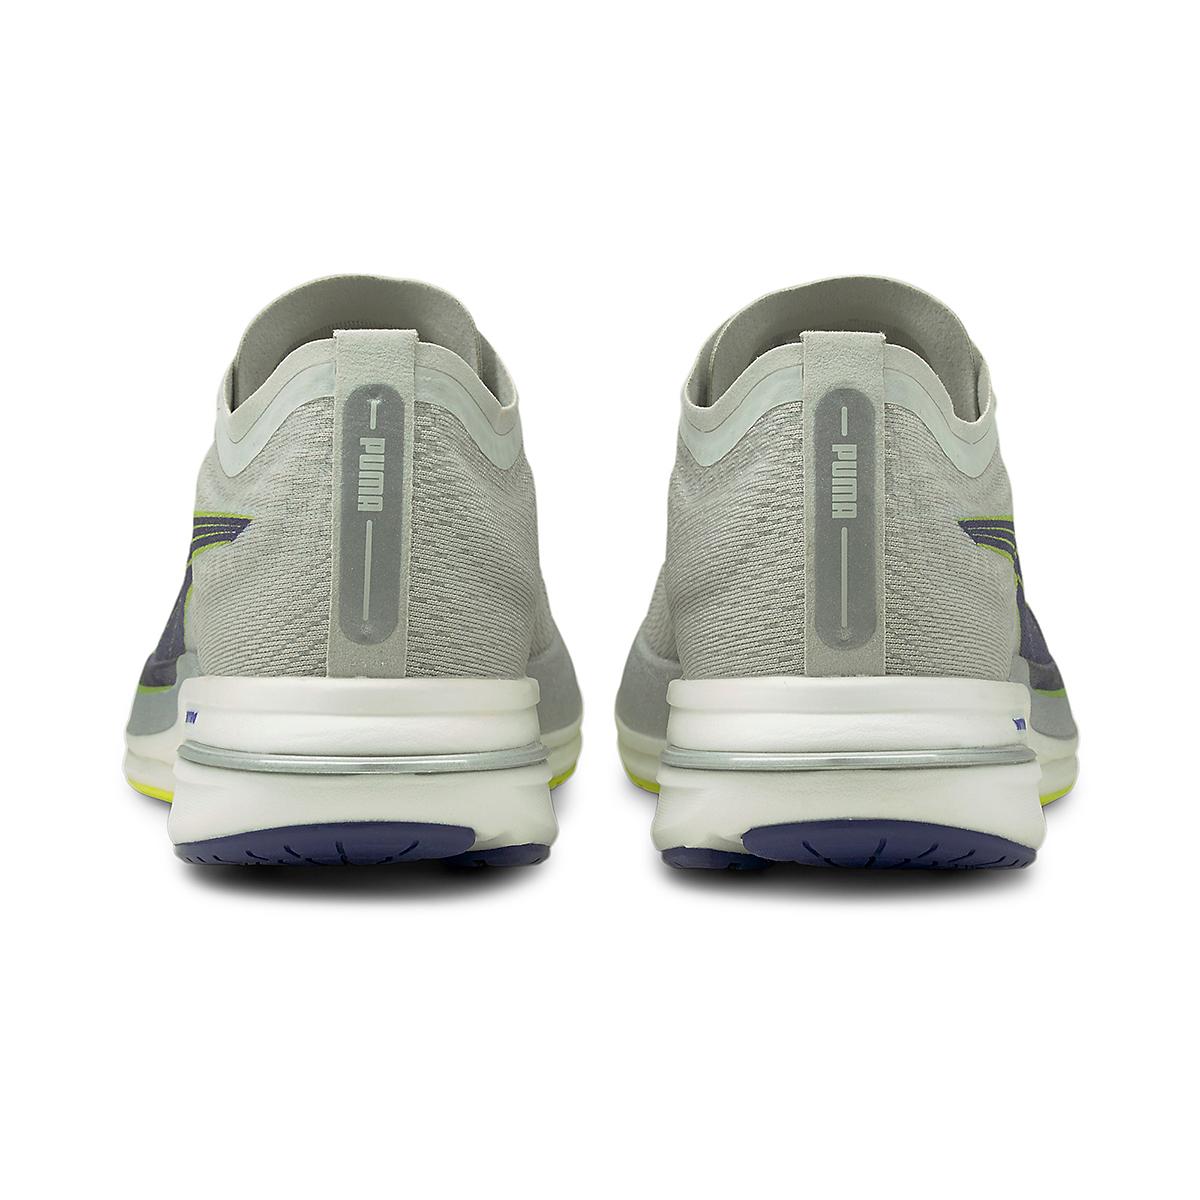 Men's Puma Deviate Nitro Running Shoe - Color: Gray Violet - Size: 7 - Width: Regular, Gray Violet, large, image 4